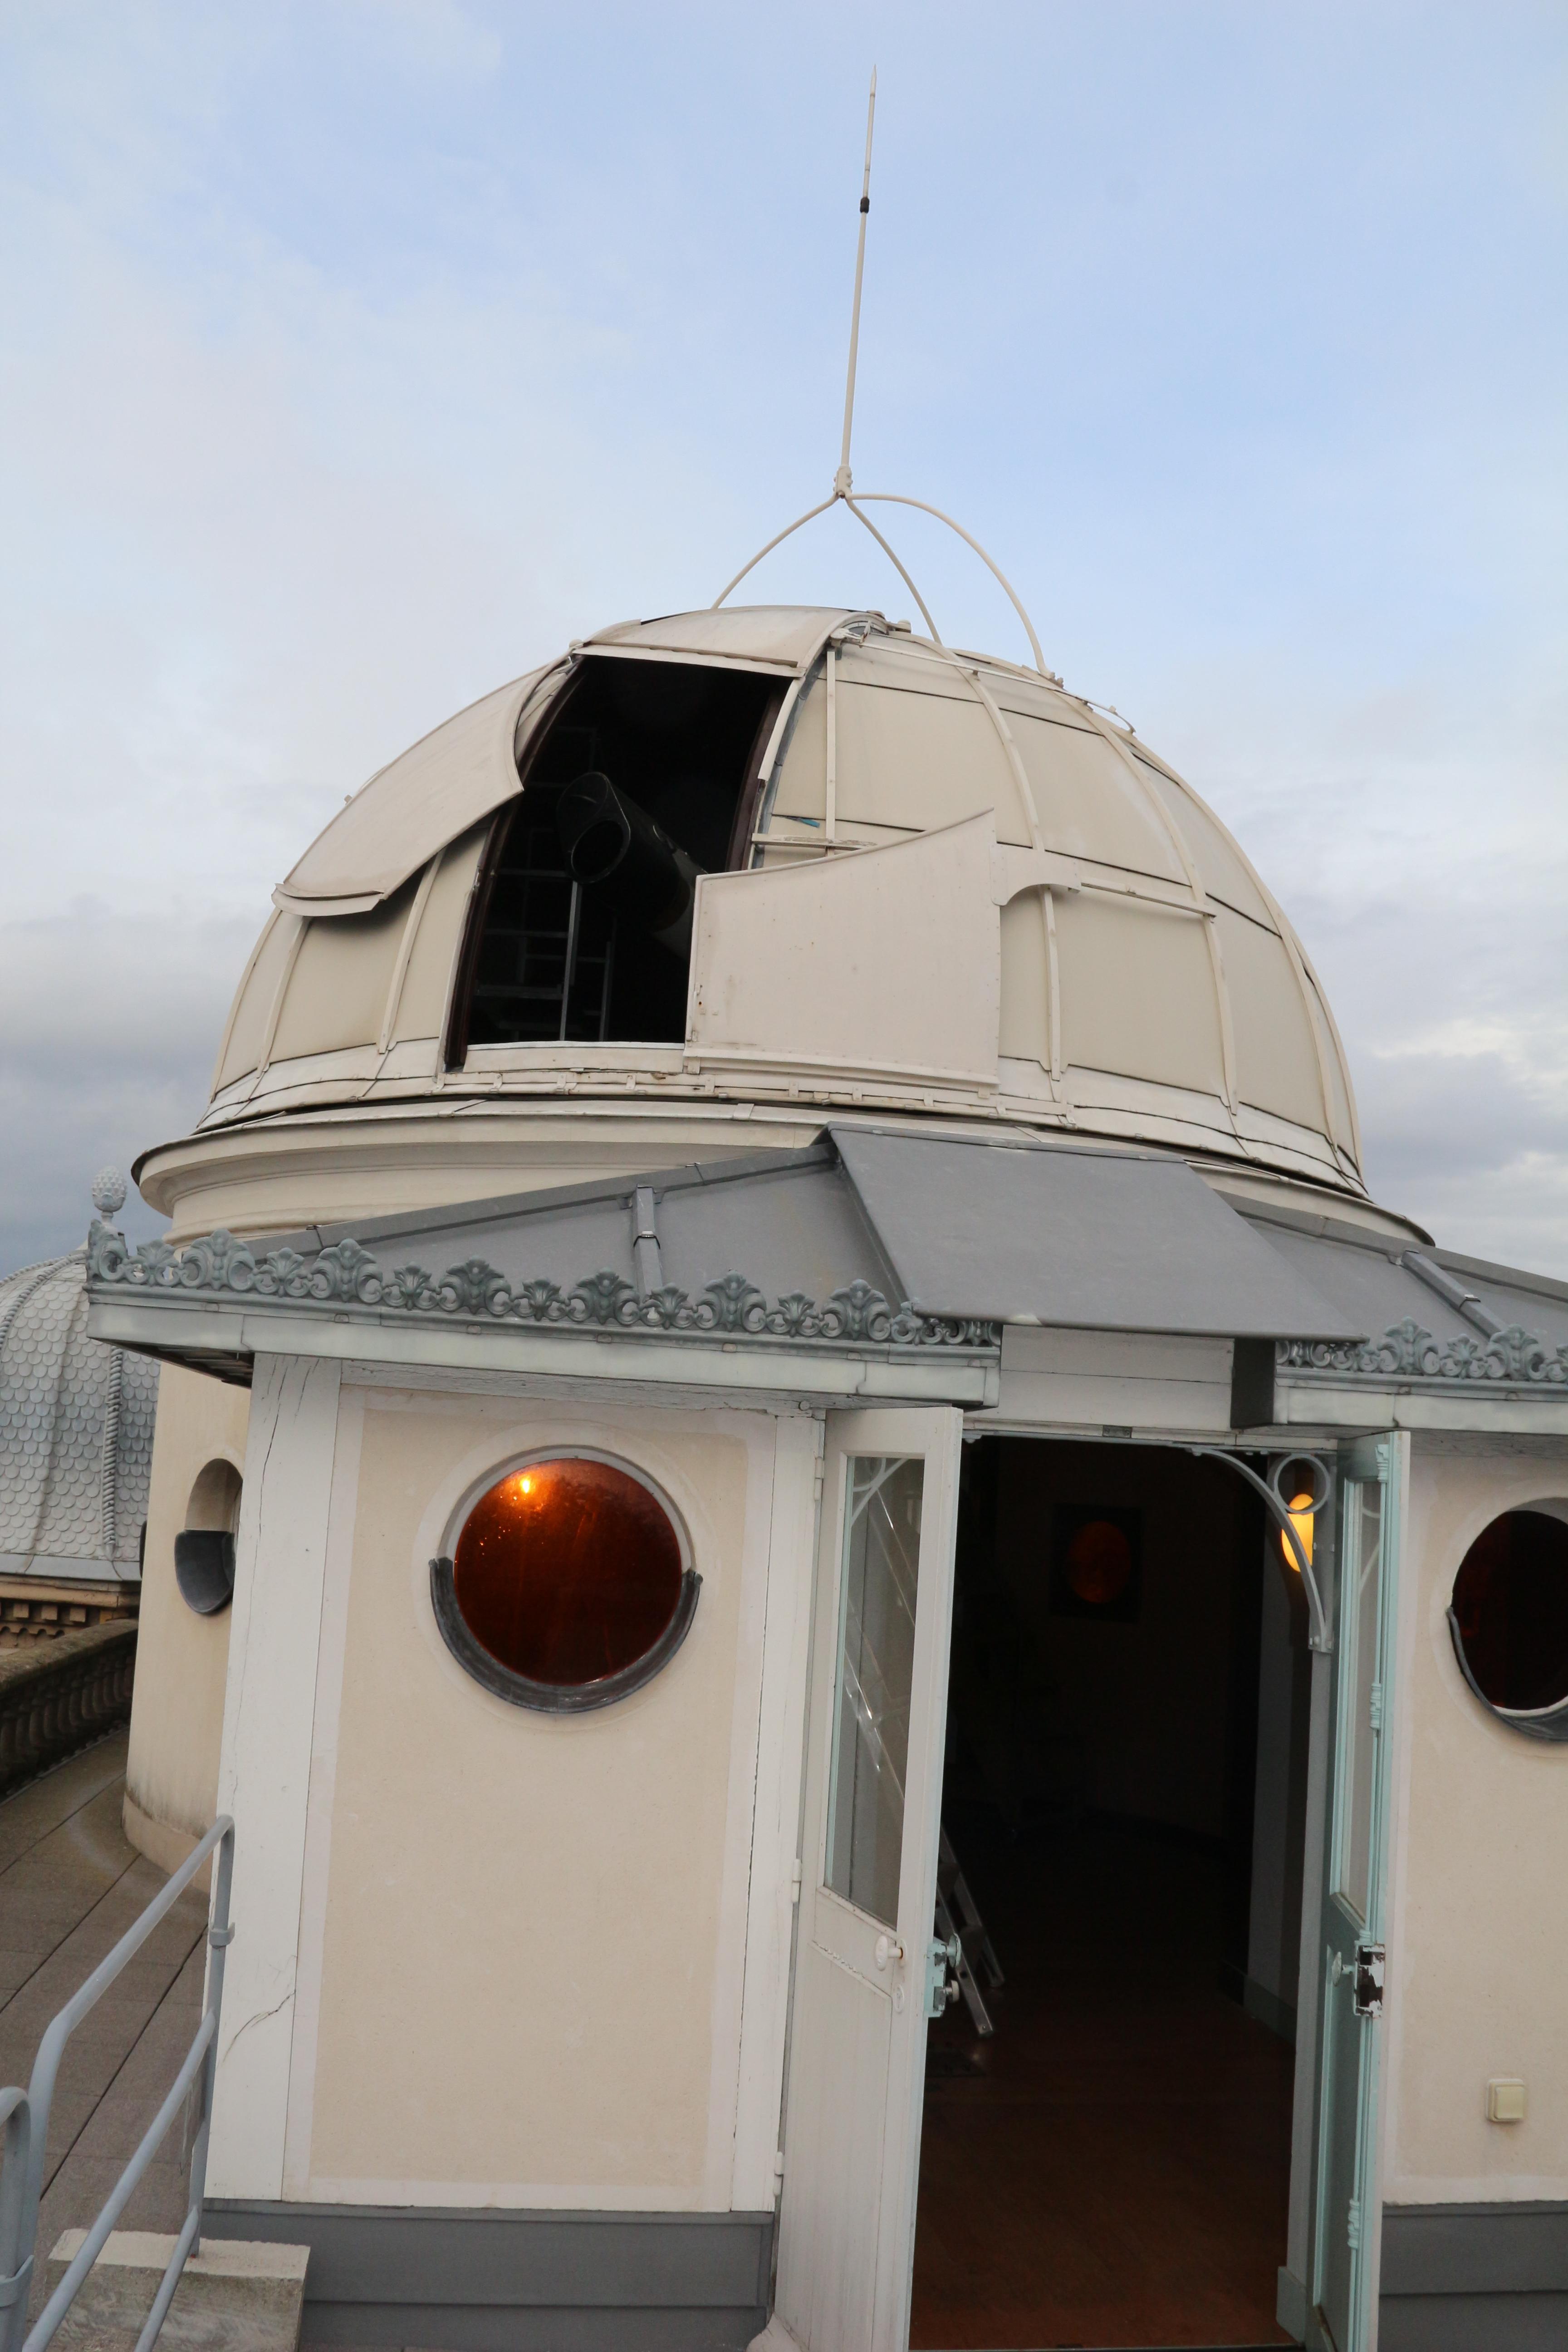 La coupole au sommet du bâtiment : on se croirait dans un Jules Verne!